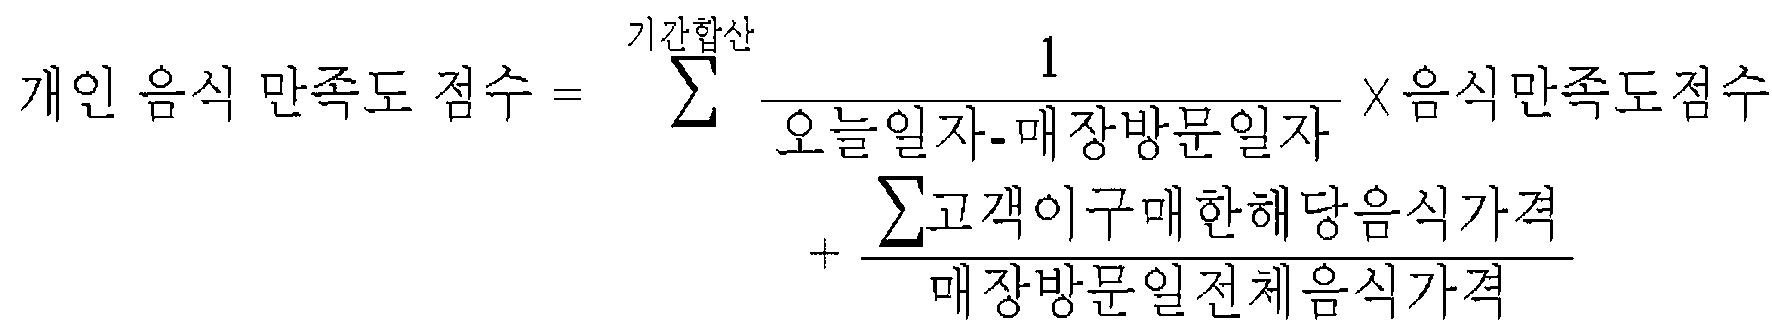 Figure PCTKR2015013333-appb-M000001